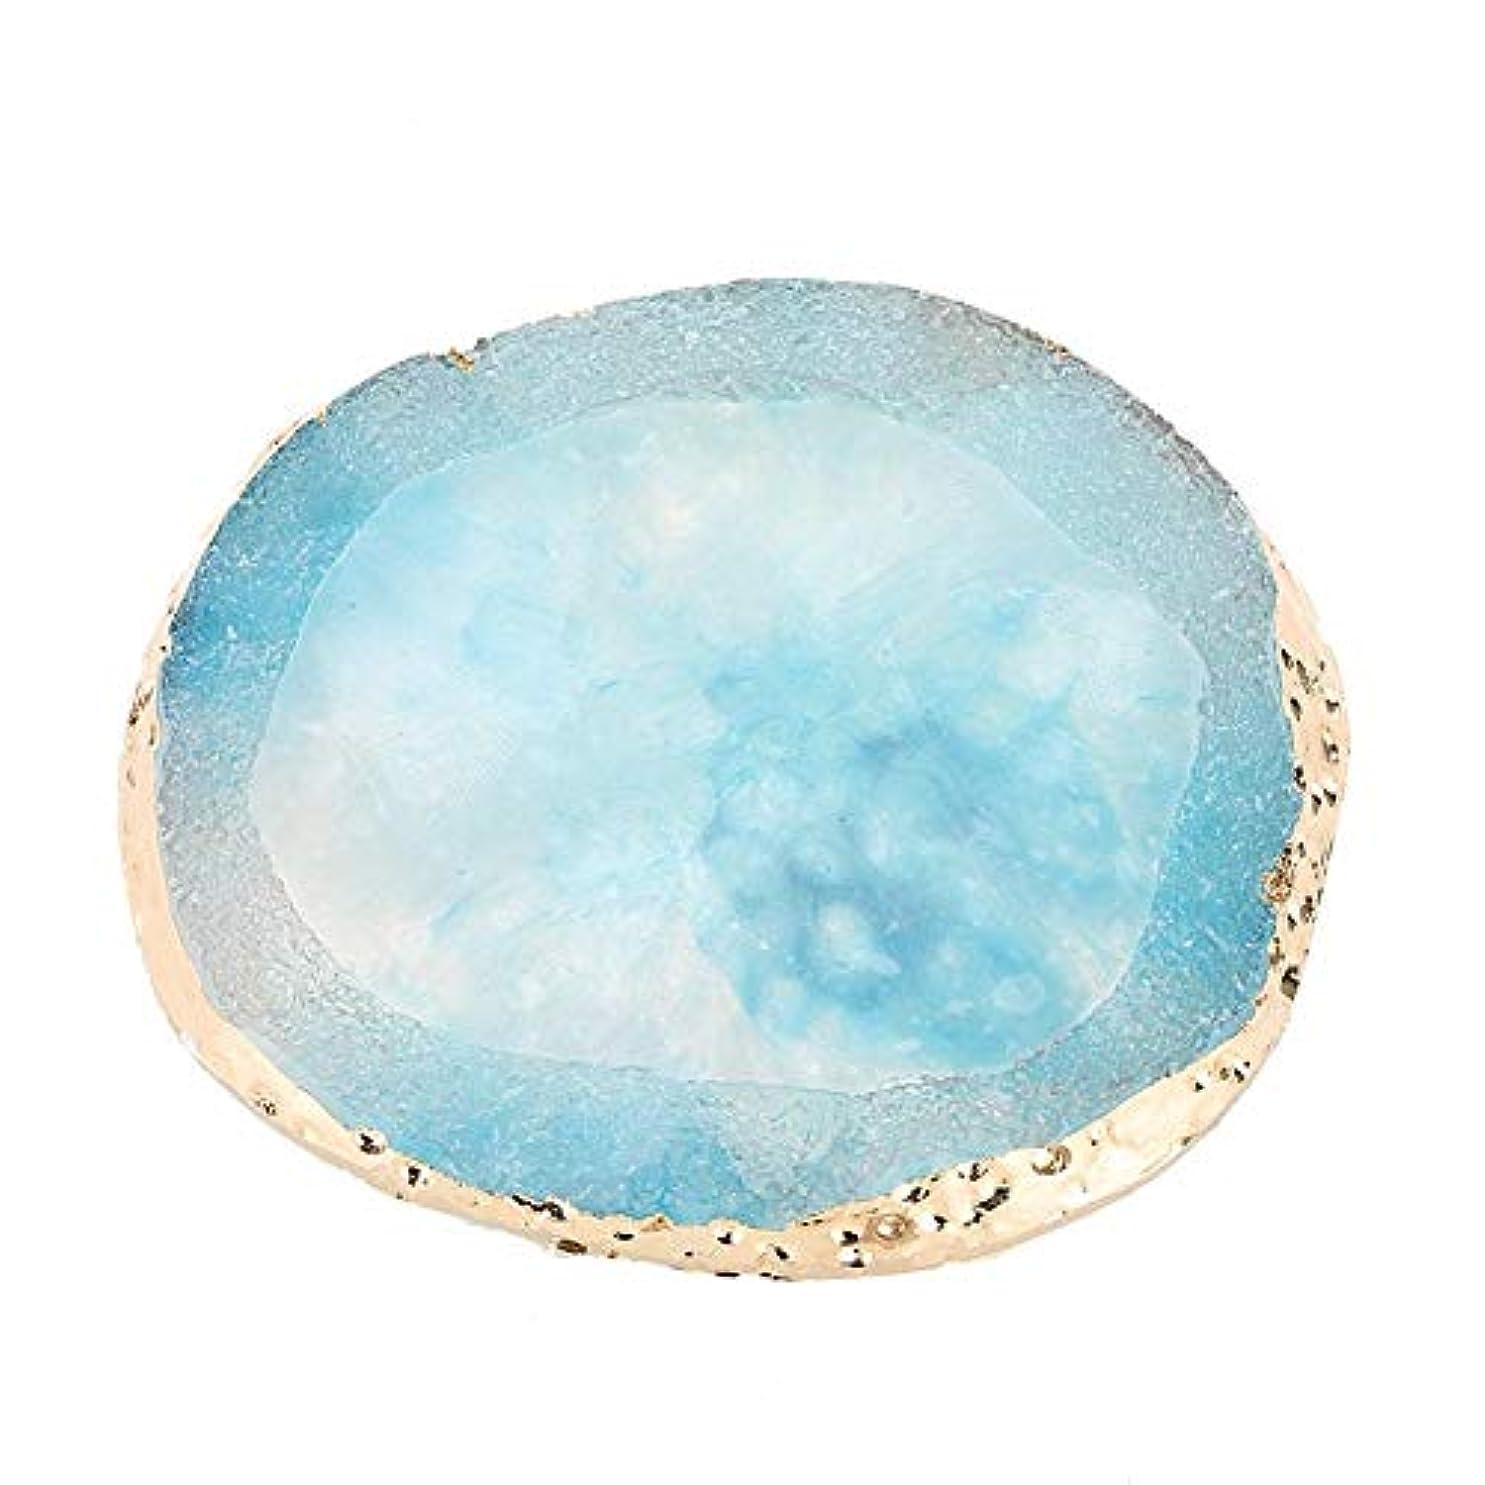 機知に富んだ合意固有の樹脂ネイルアートパレットペイントデッサンネイルDIYツール(青)